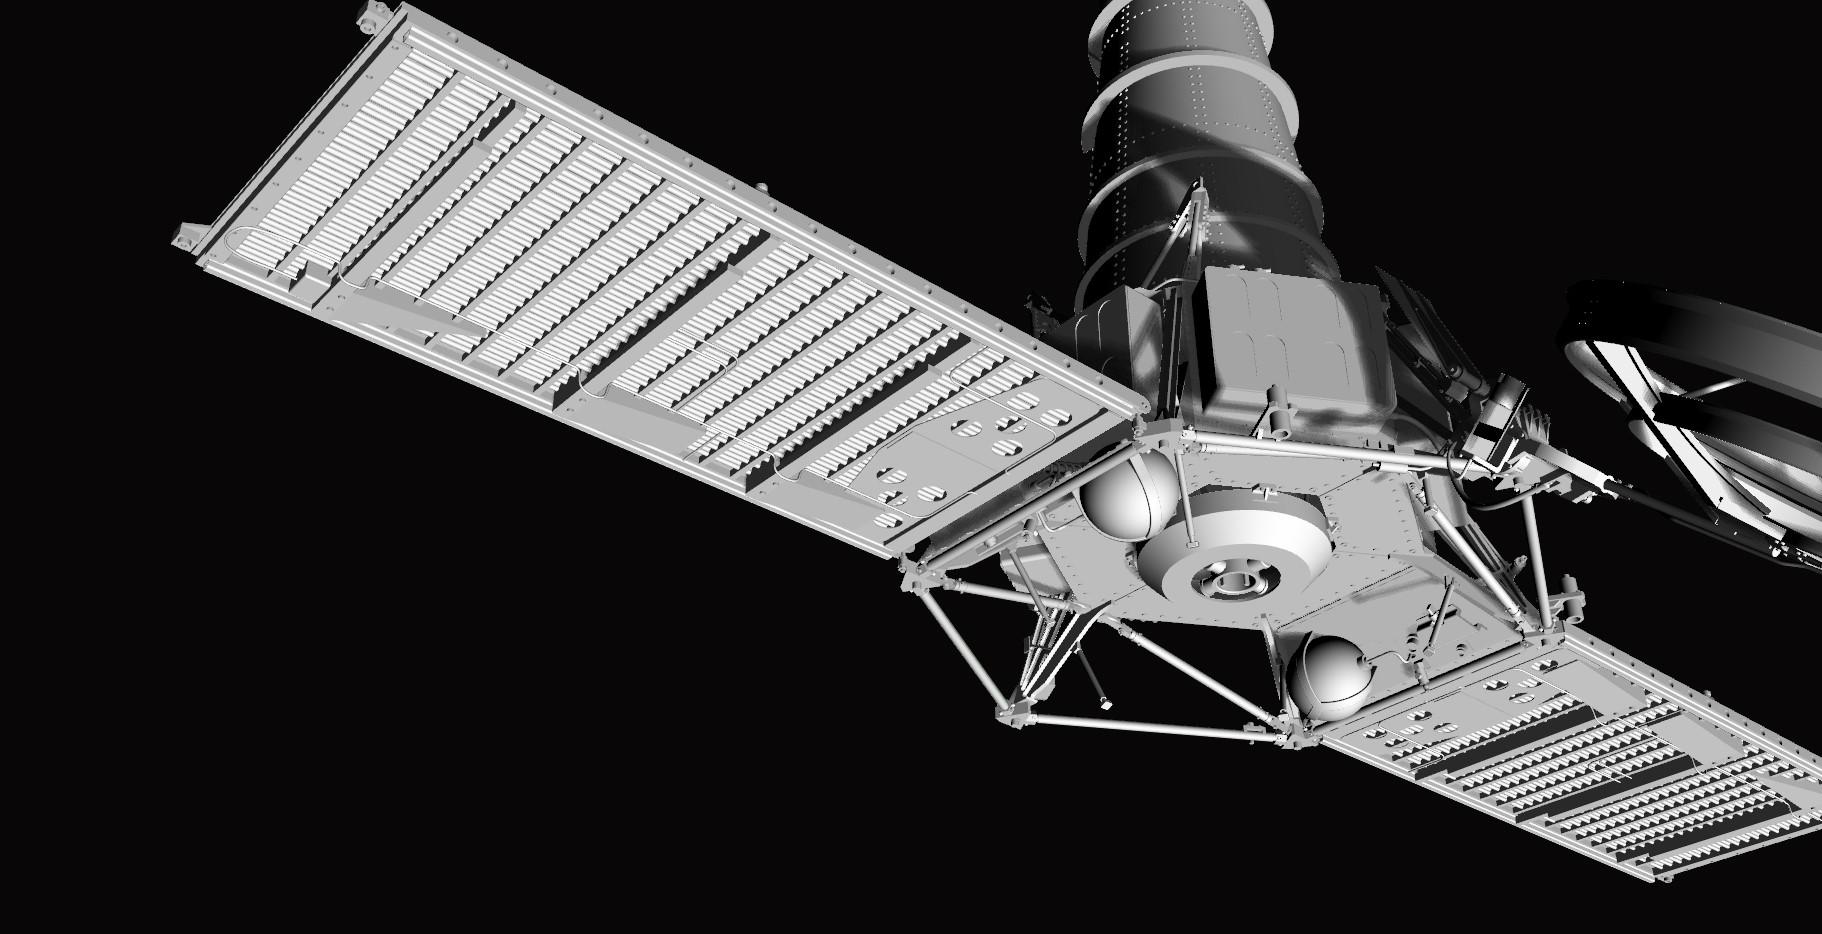 Crash-test planétaire : la sonde lunaire Ranger 8 au 1/24e 17072612434623134915170980